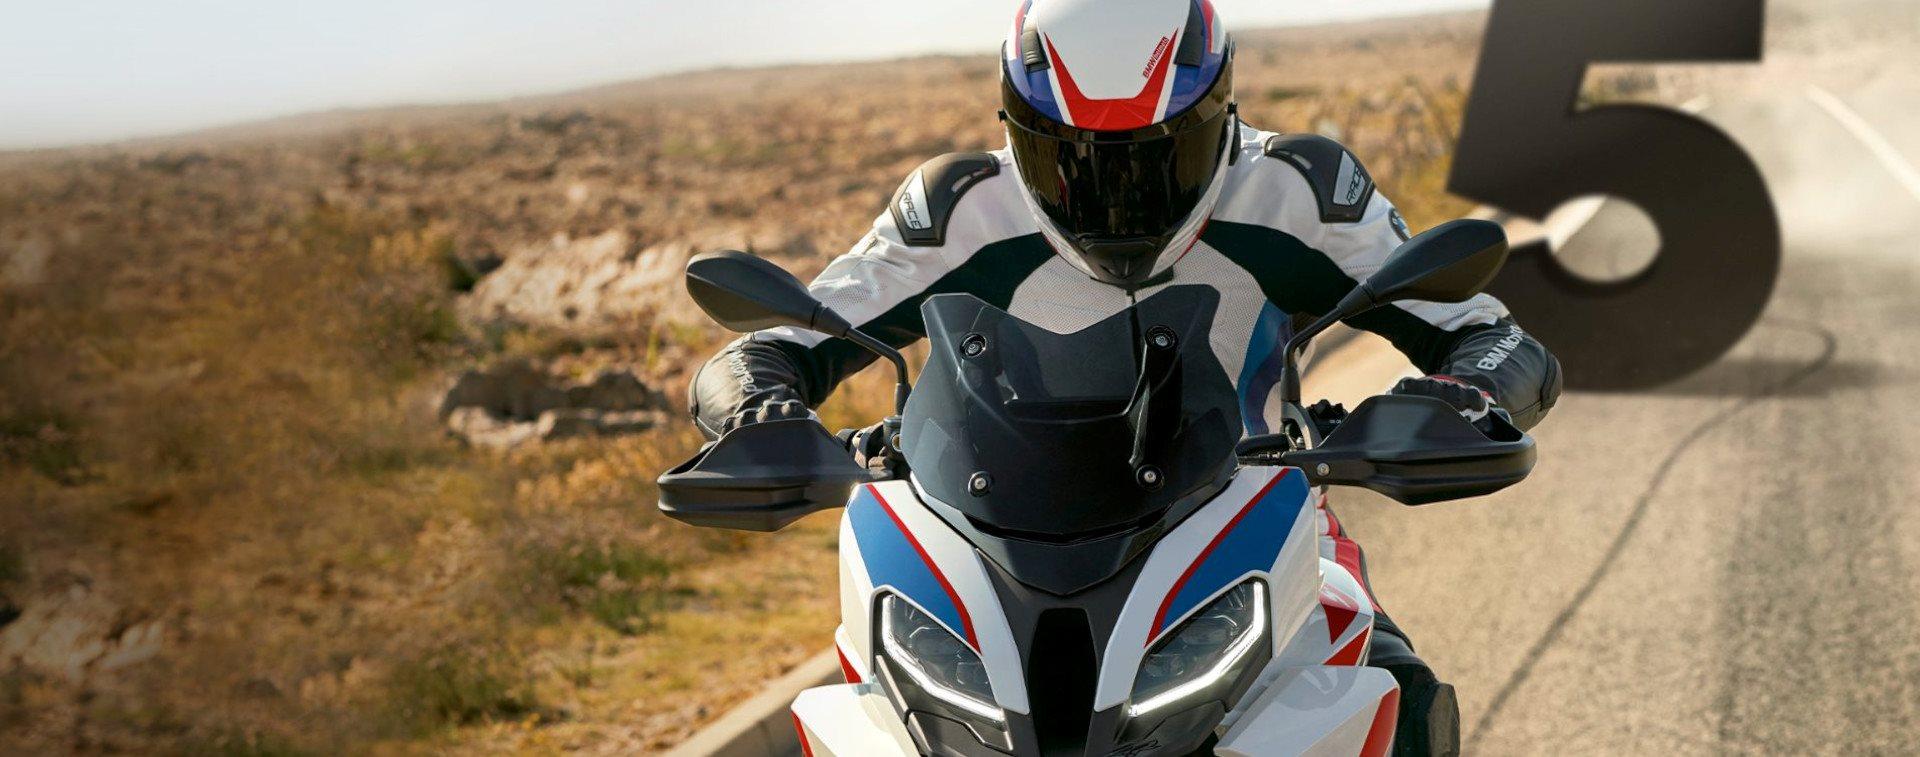 FINDE DEIN BMW MOTORRAD.